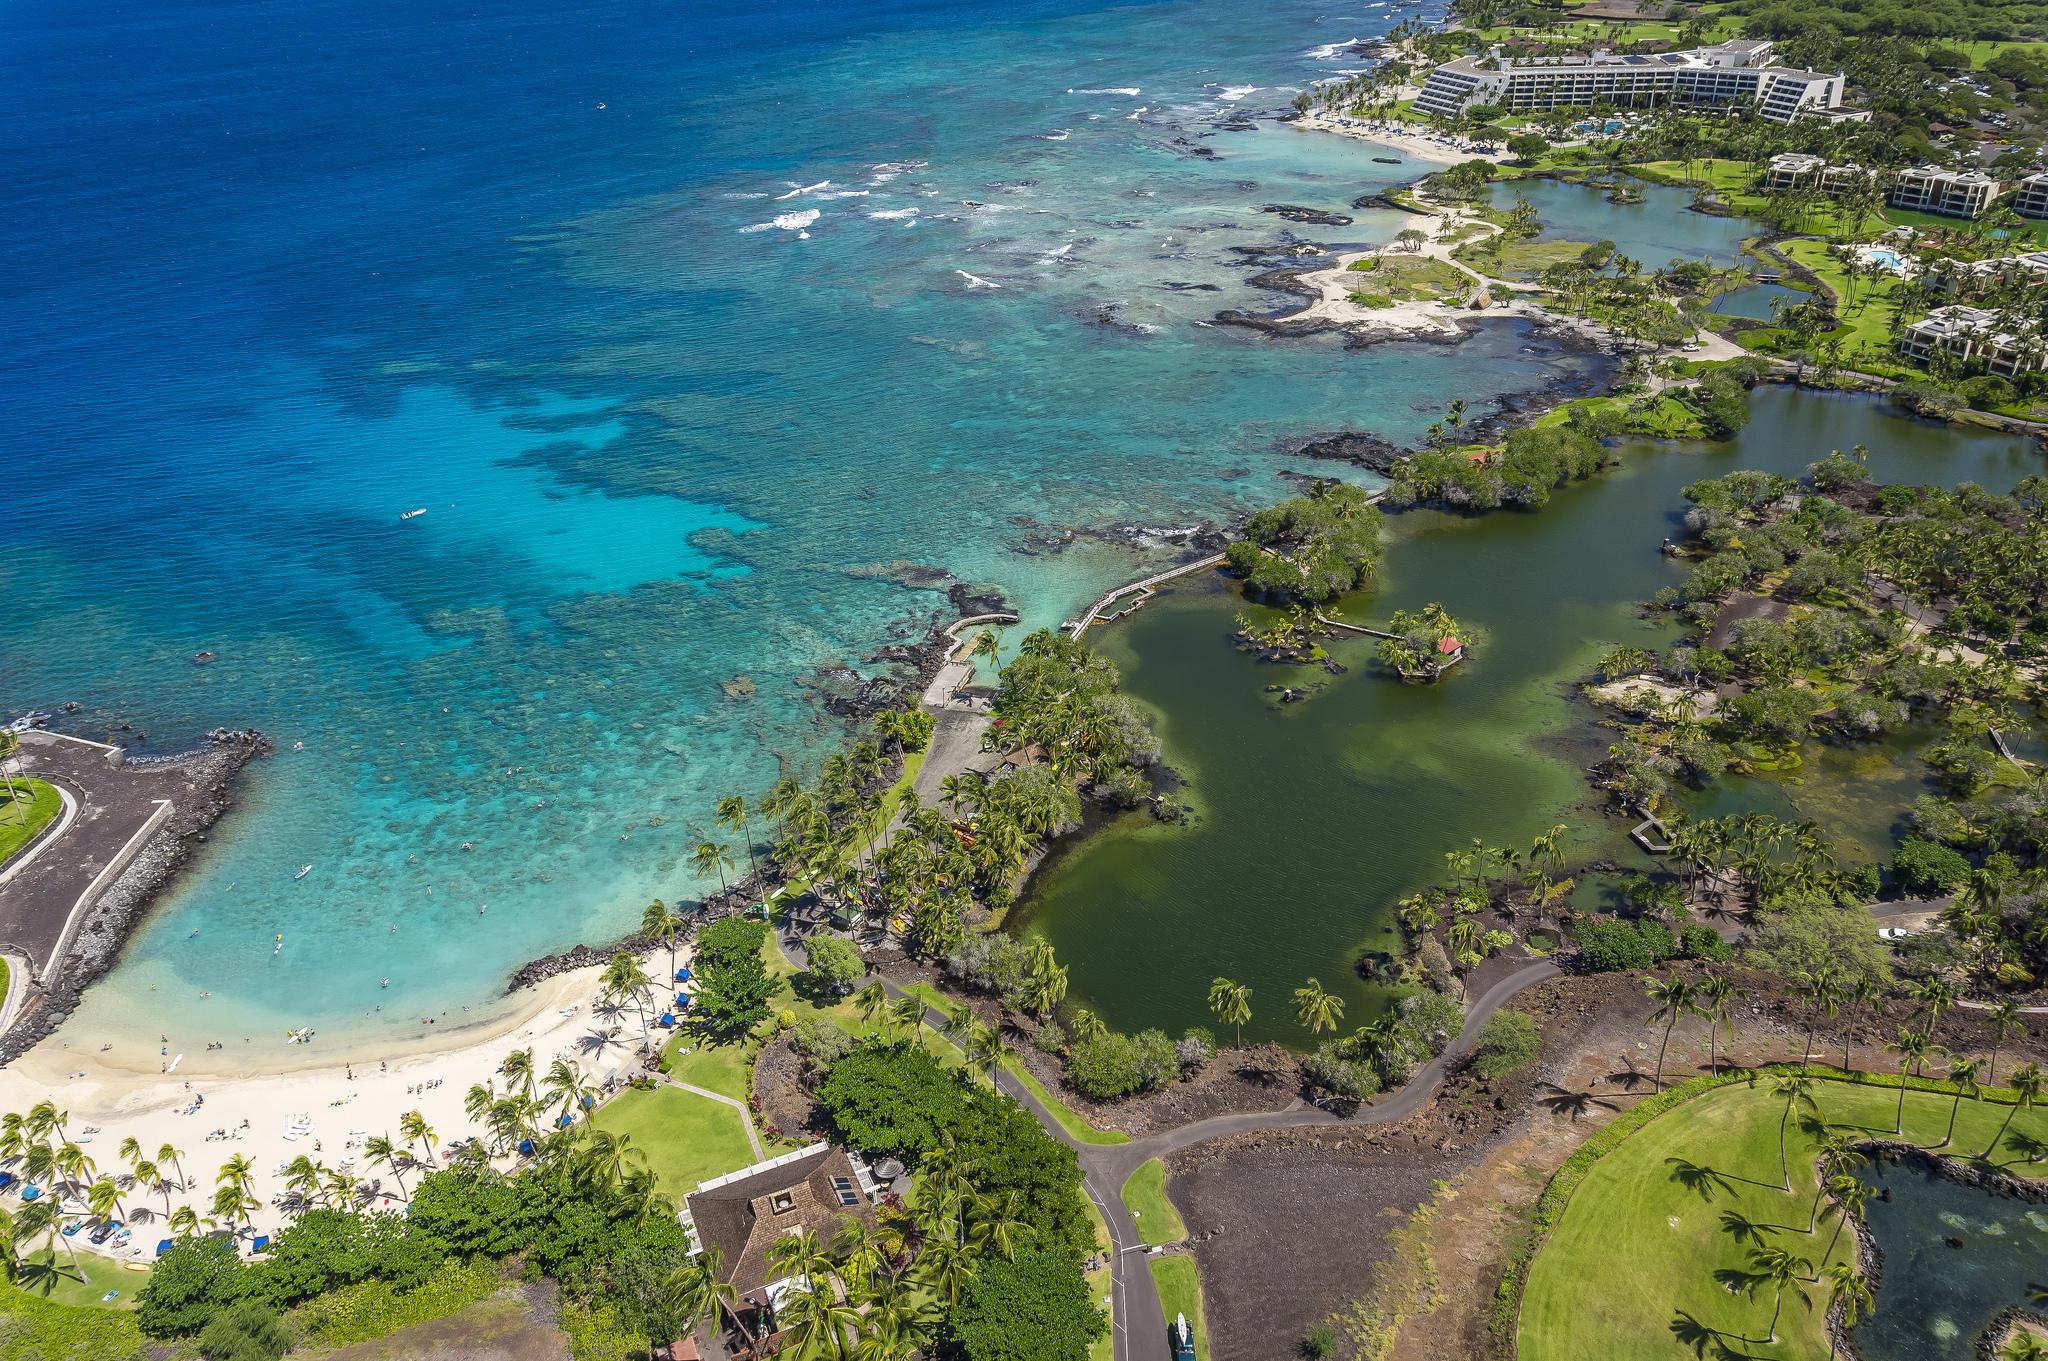 共管式独立产权公寓 为 销售 在 Villages at Mauna Lani #207 68-1025 N. Kaniku Dr., #207 Villages at Mauna Lani Kamuela, 夏威夷 96743 美国